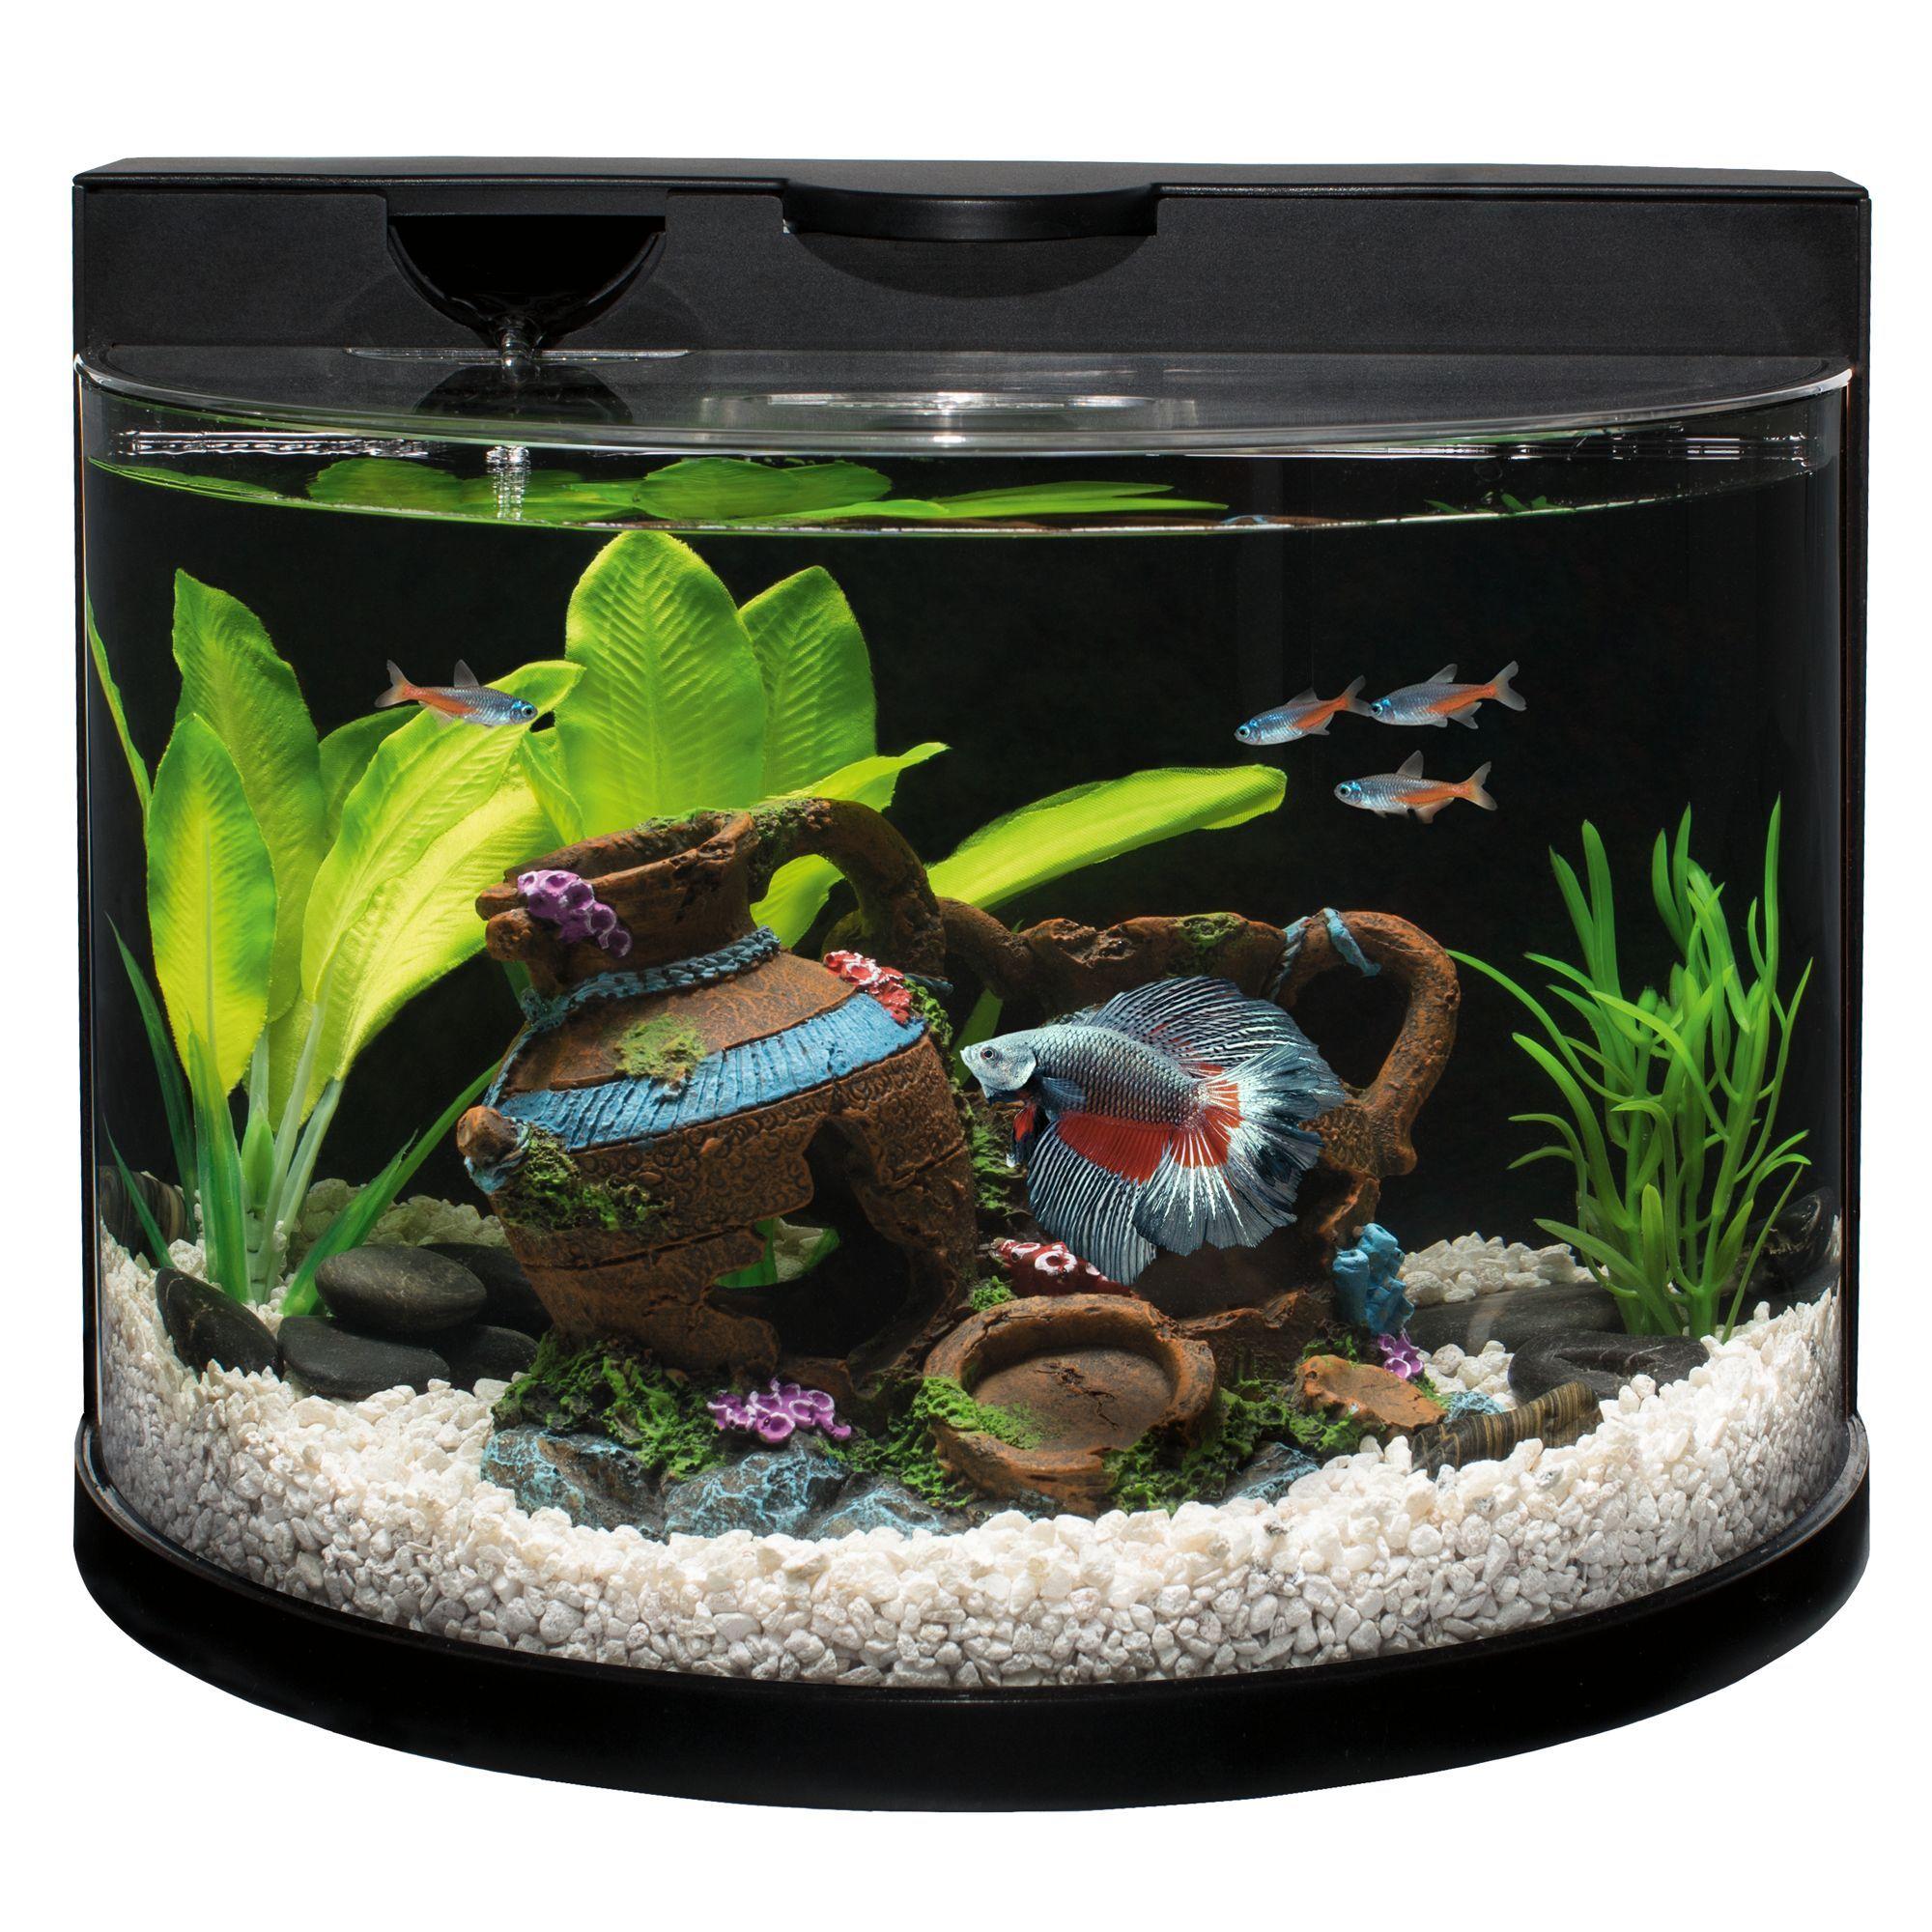 Top Fin Bettaflo Betta Aquarium In 2020 Betta Aquarium Cool Fish Tanks Aquarium Decorations